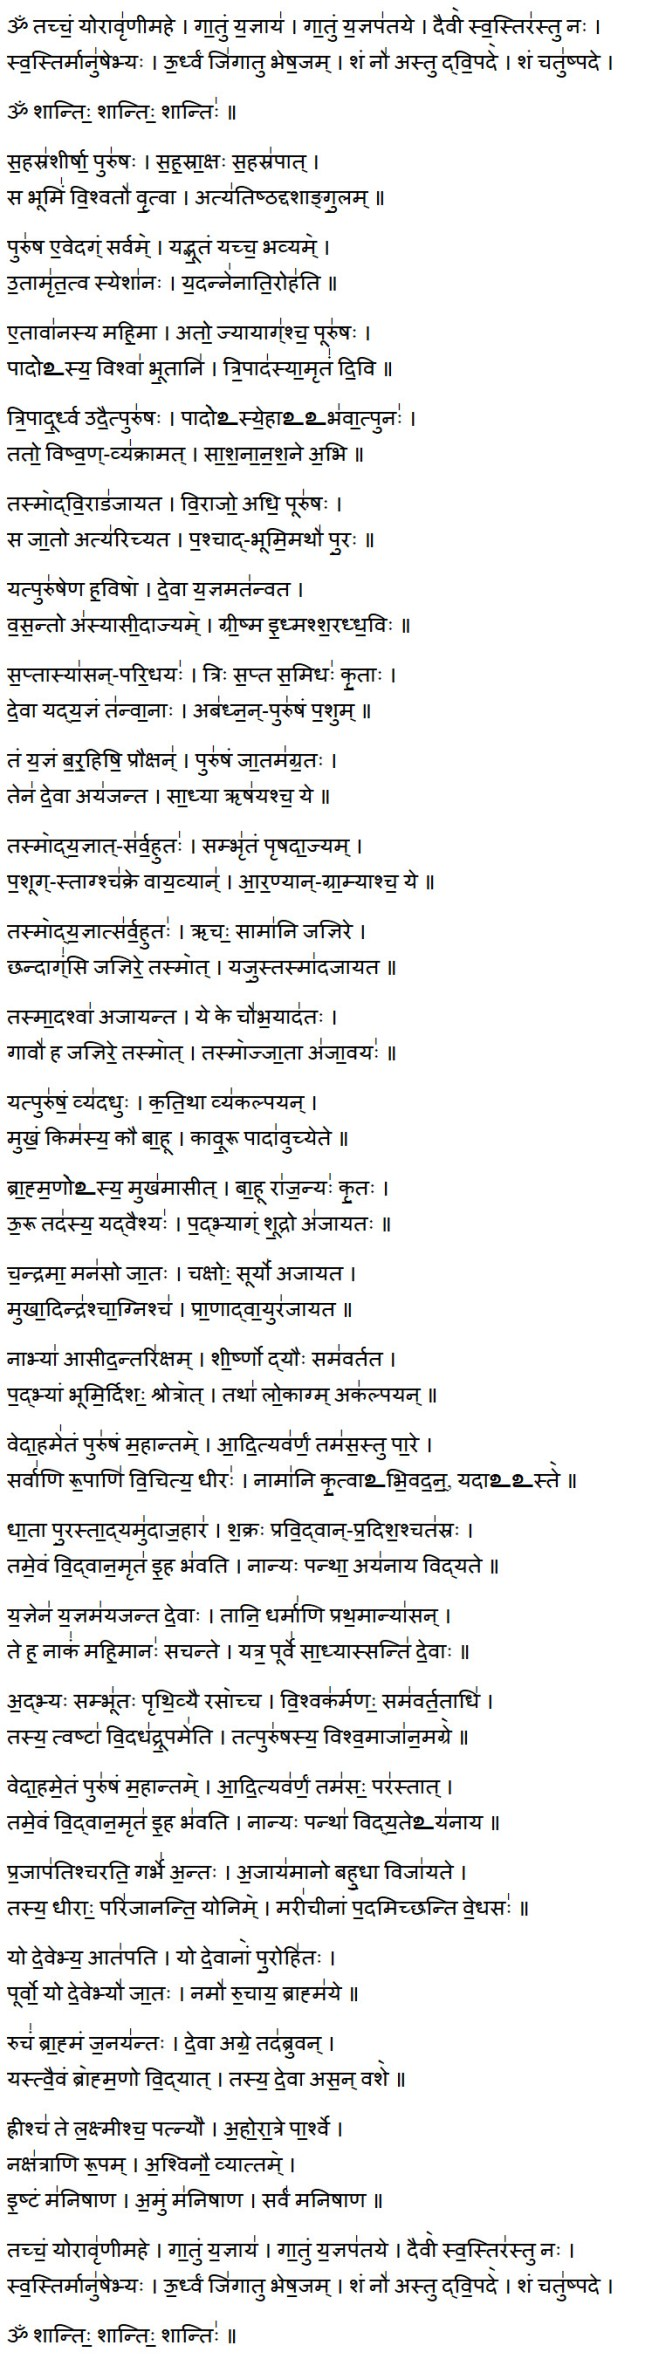 purusha suktam lyrics in sanskrit